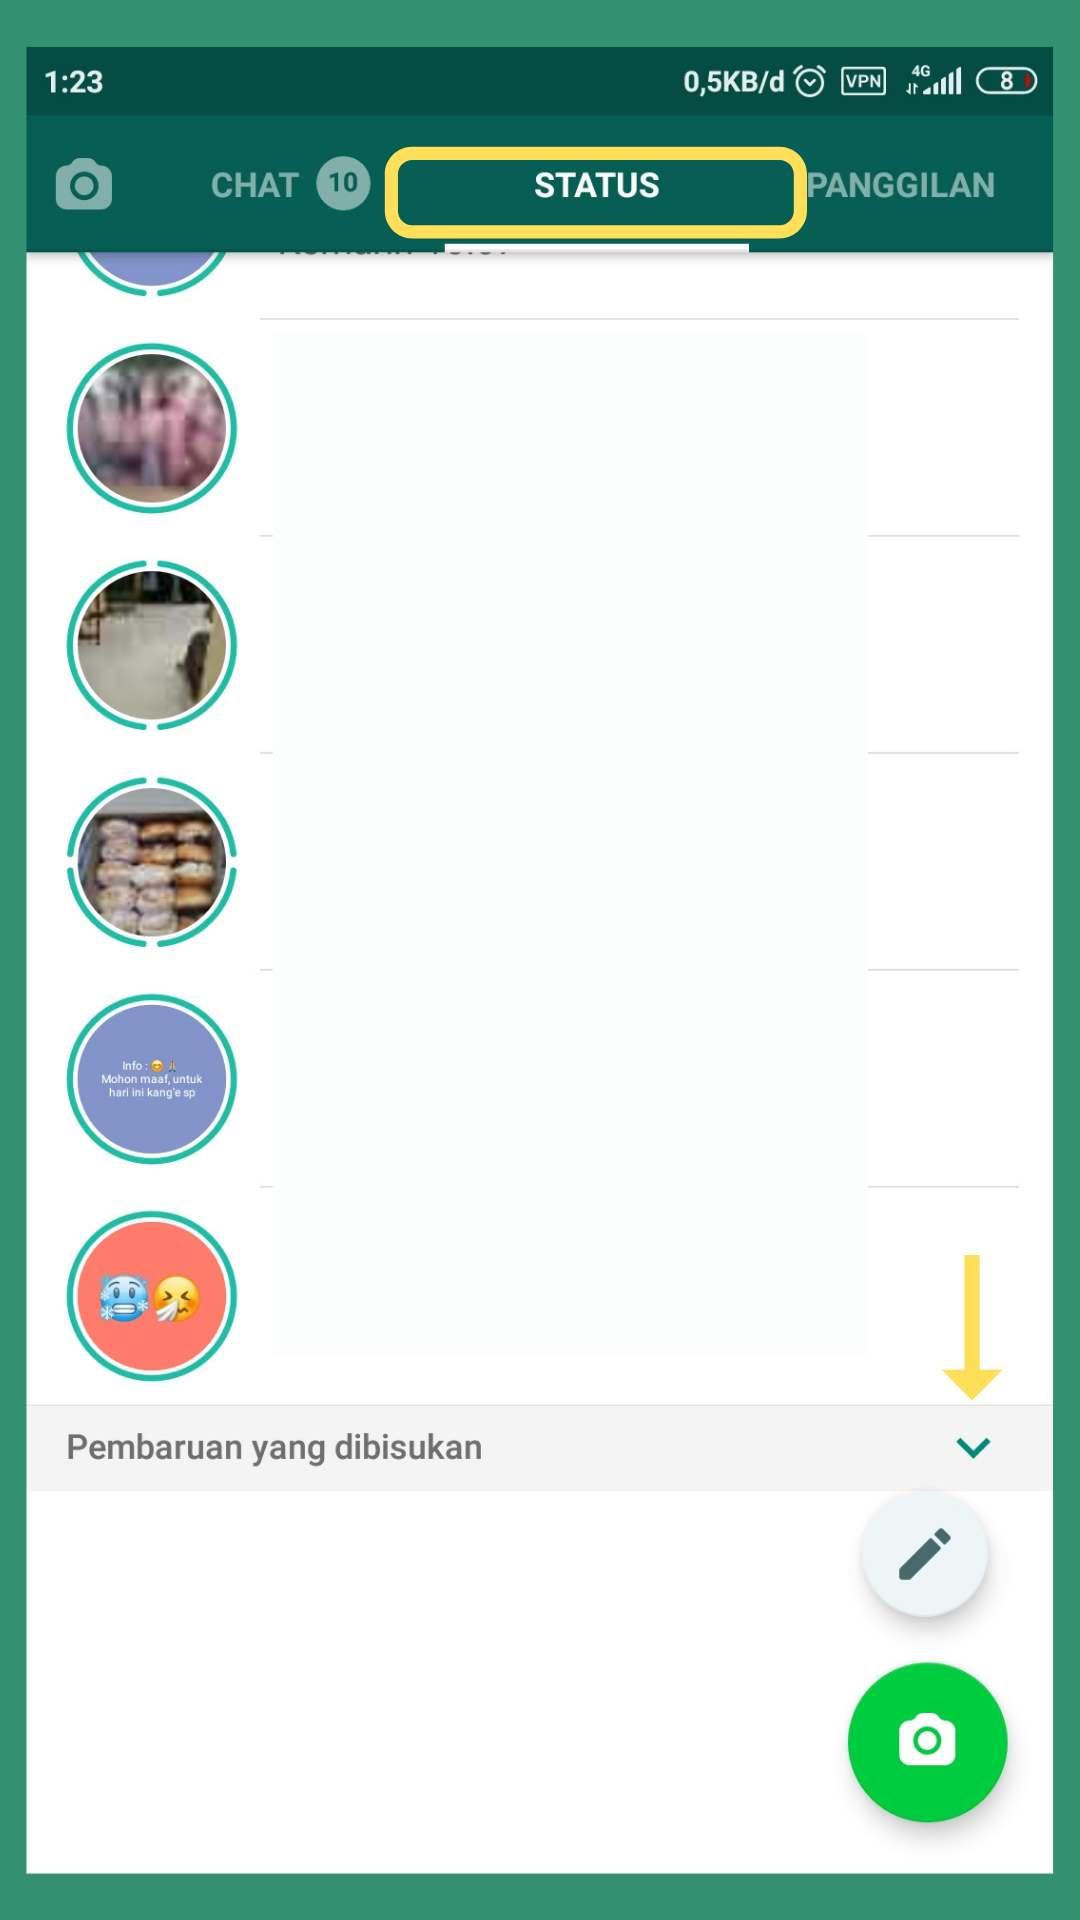 cara mengembalikan status whatsapp yang dibisukan